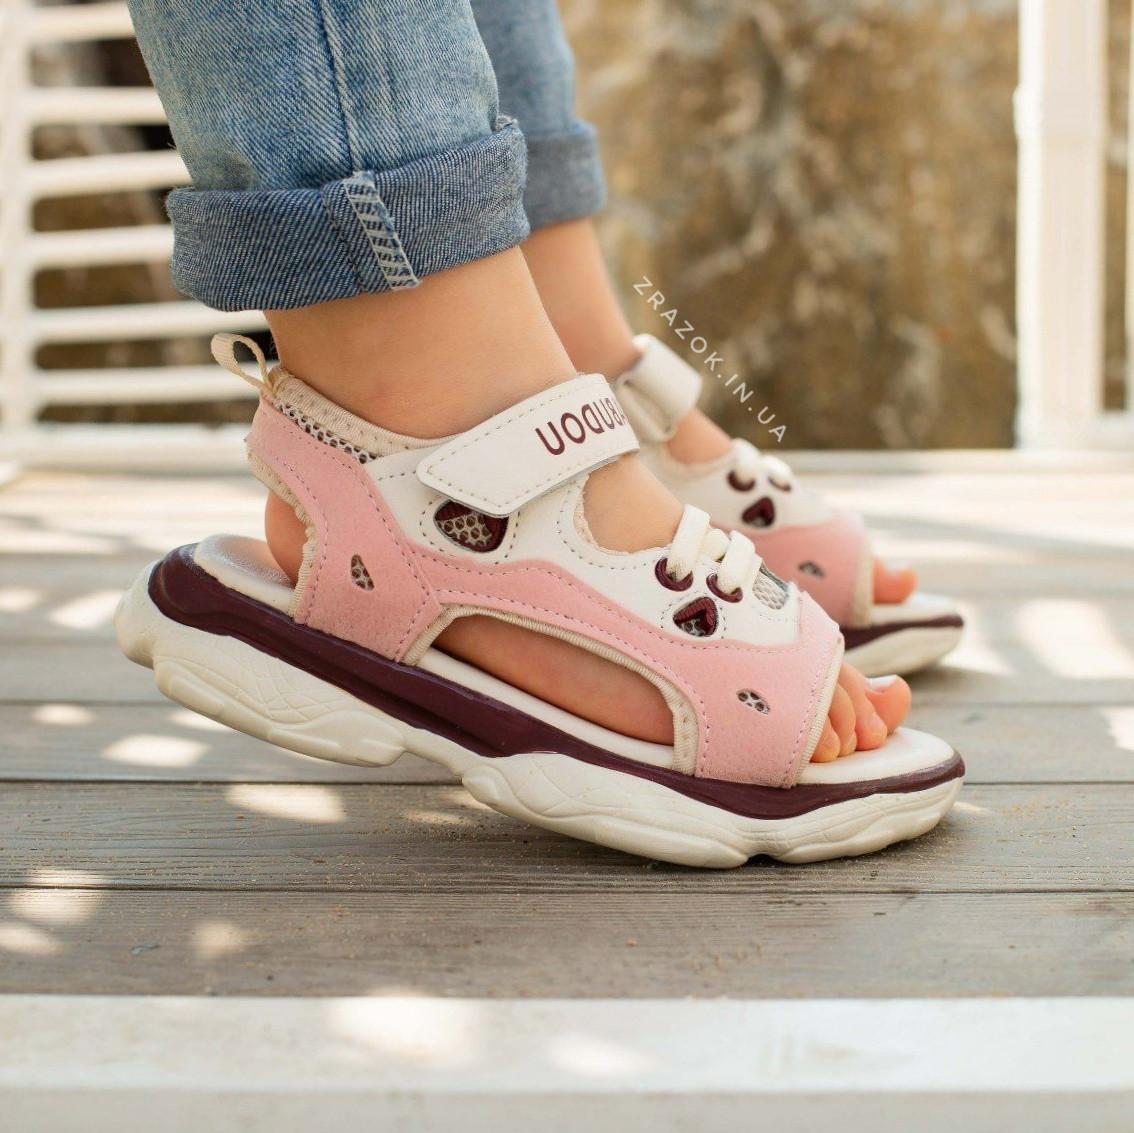 Розовые детские босоножки шлепки сандалии на липучке босоніжки шльопанці сандалі на липучці